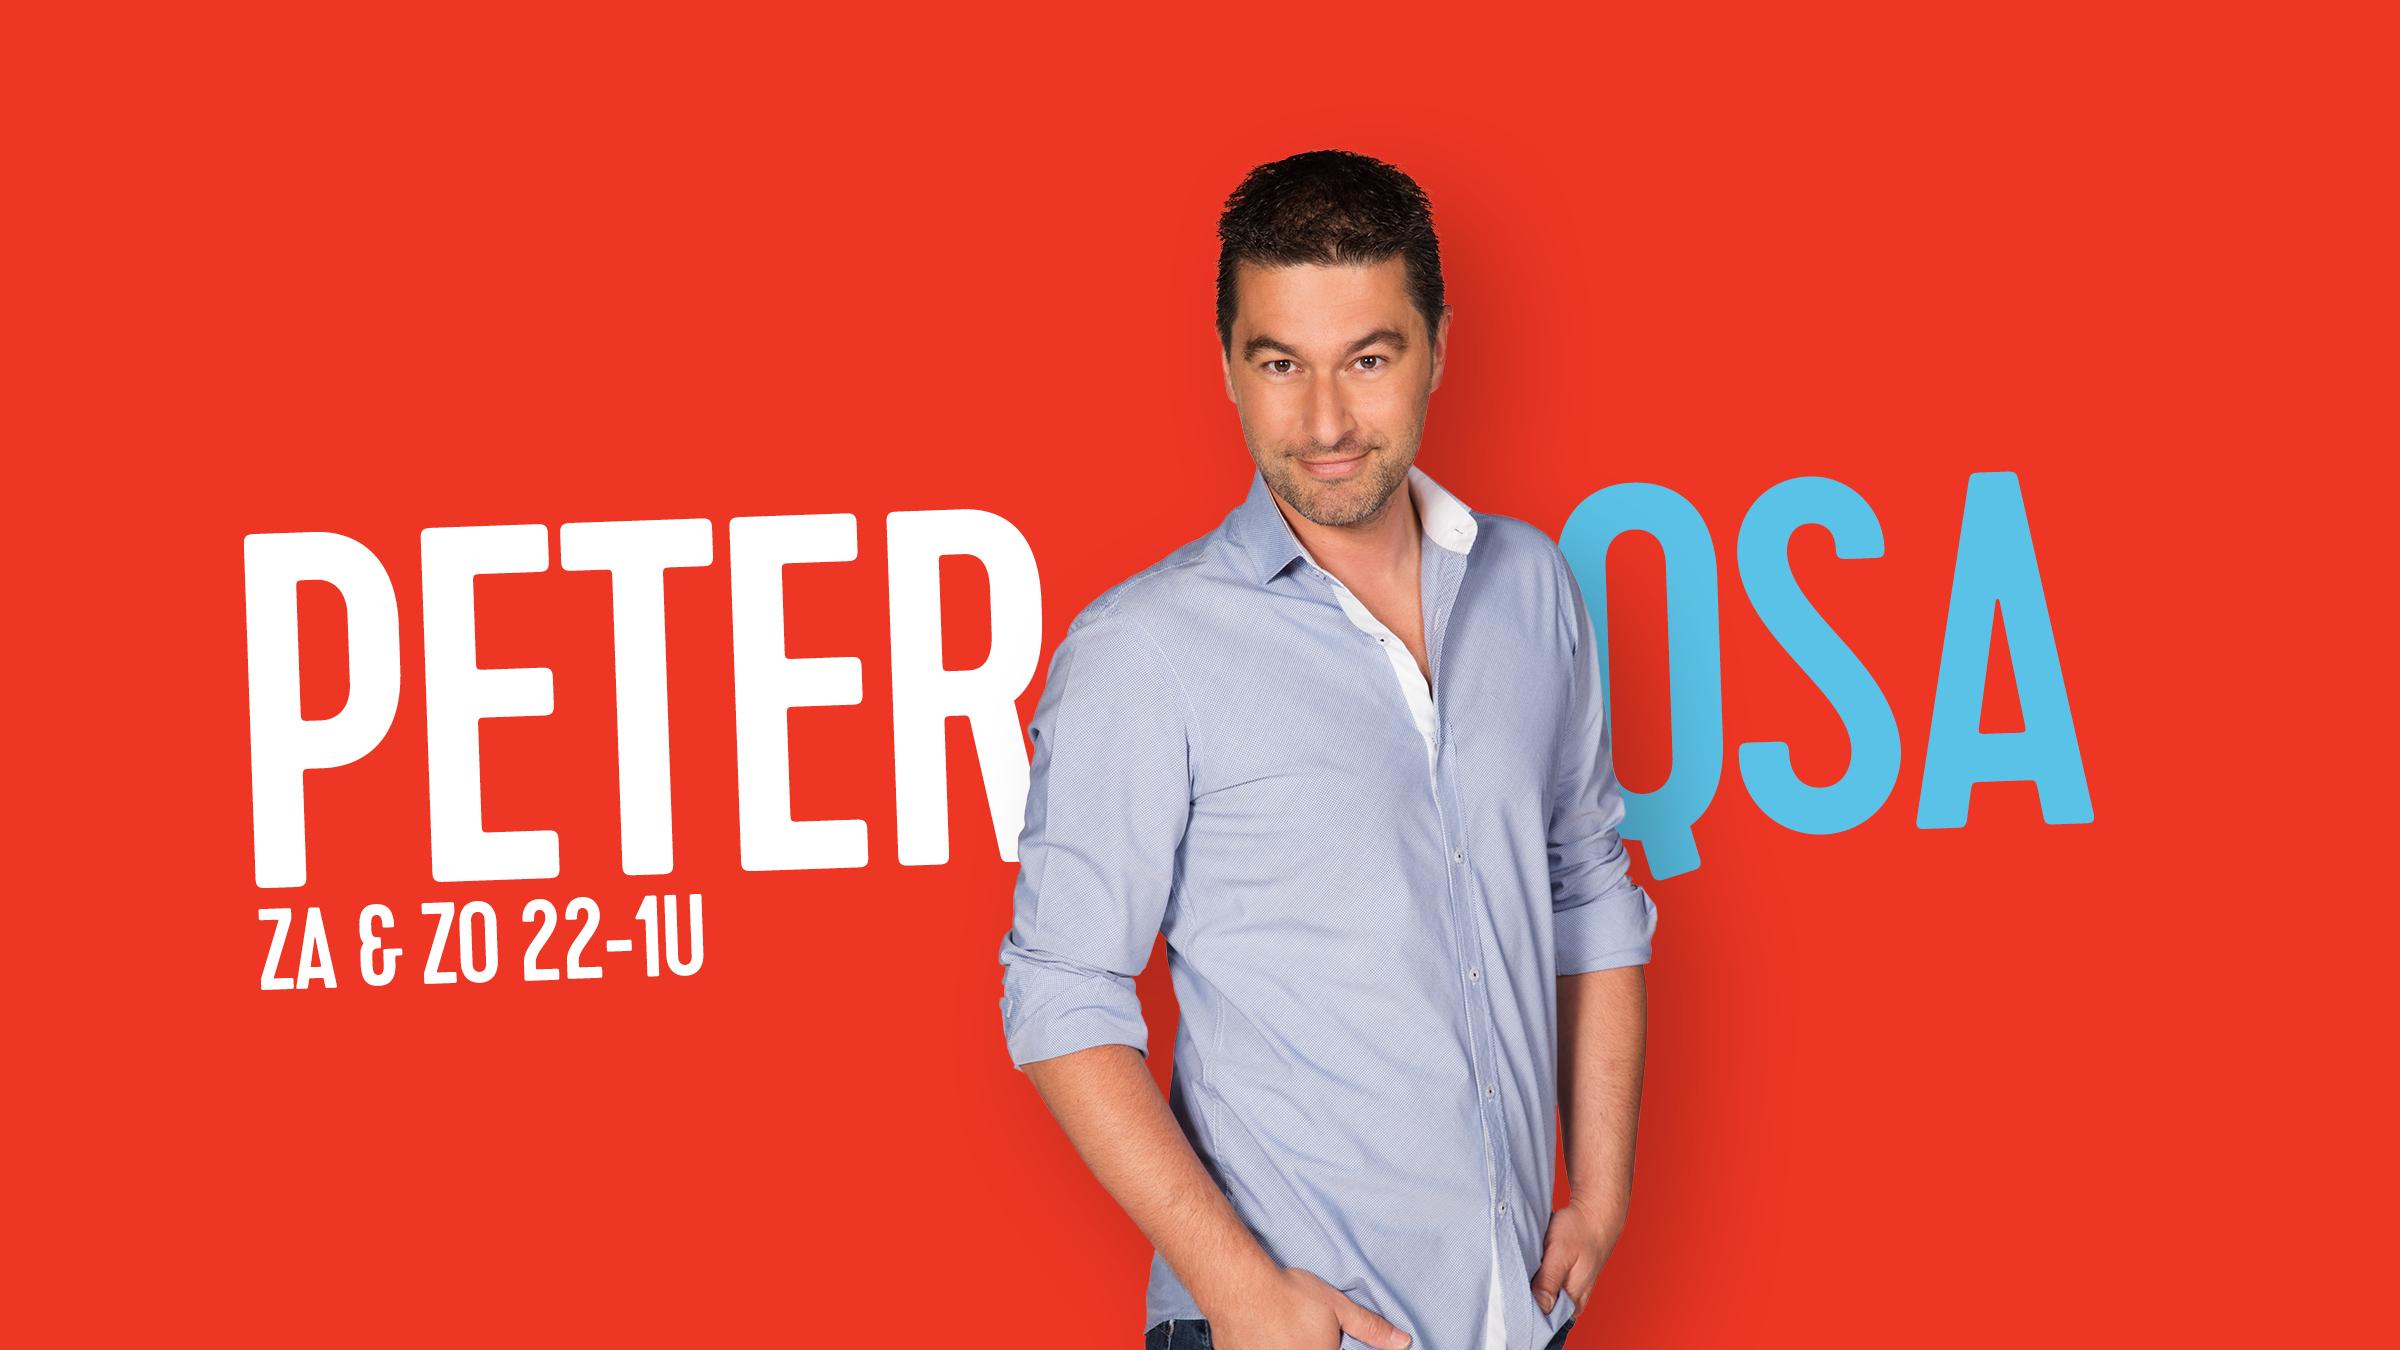 Peter 2400x1350